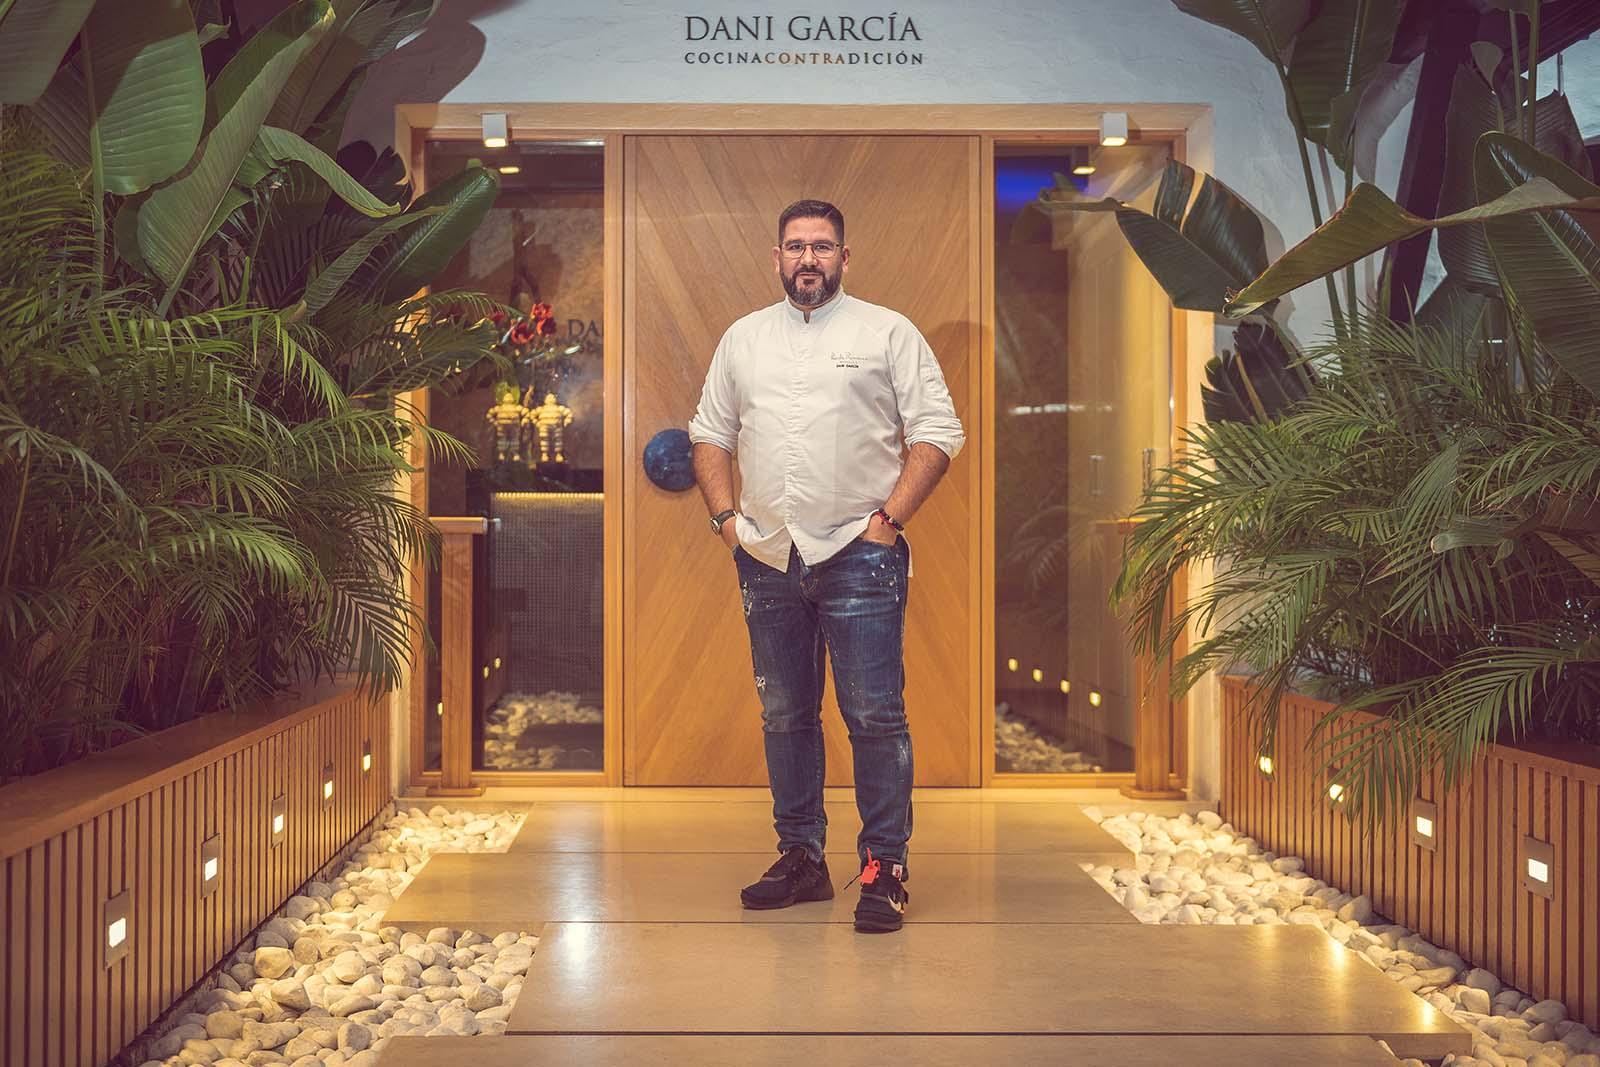 El cocinero Dani García, tres estrellas Michelin, en sus instalaciones